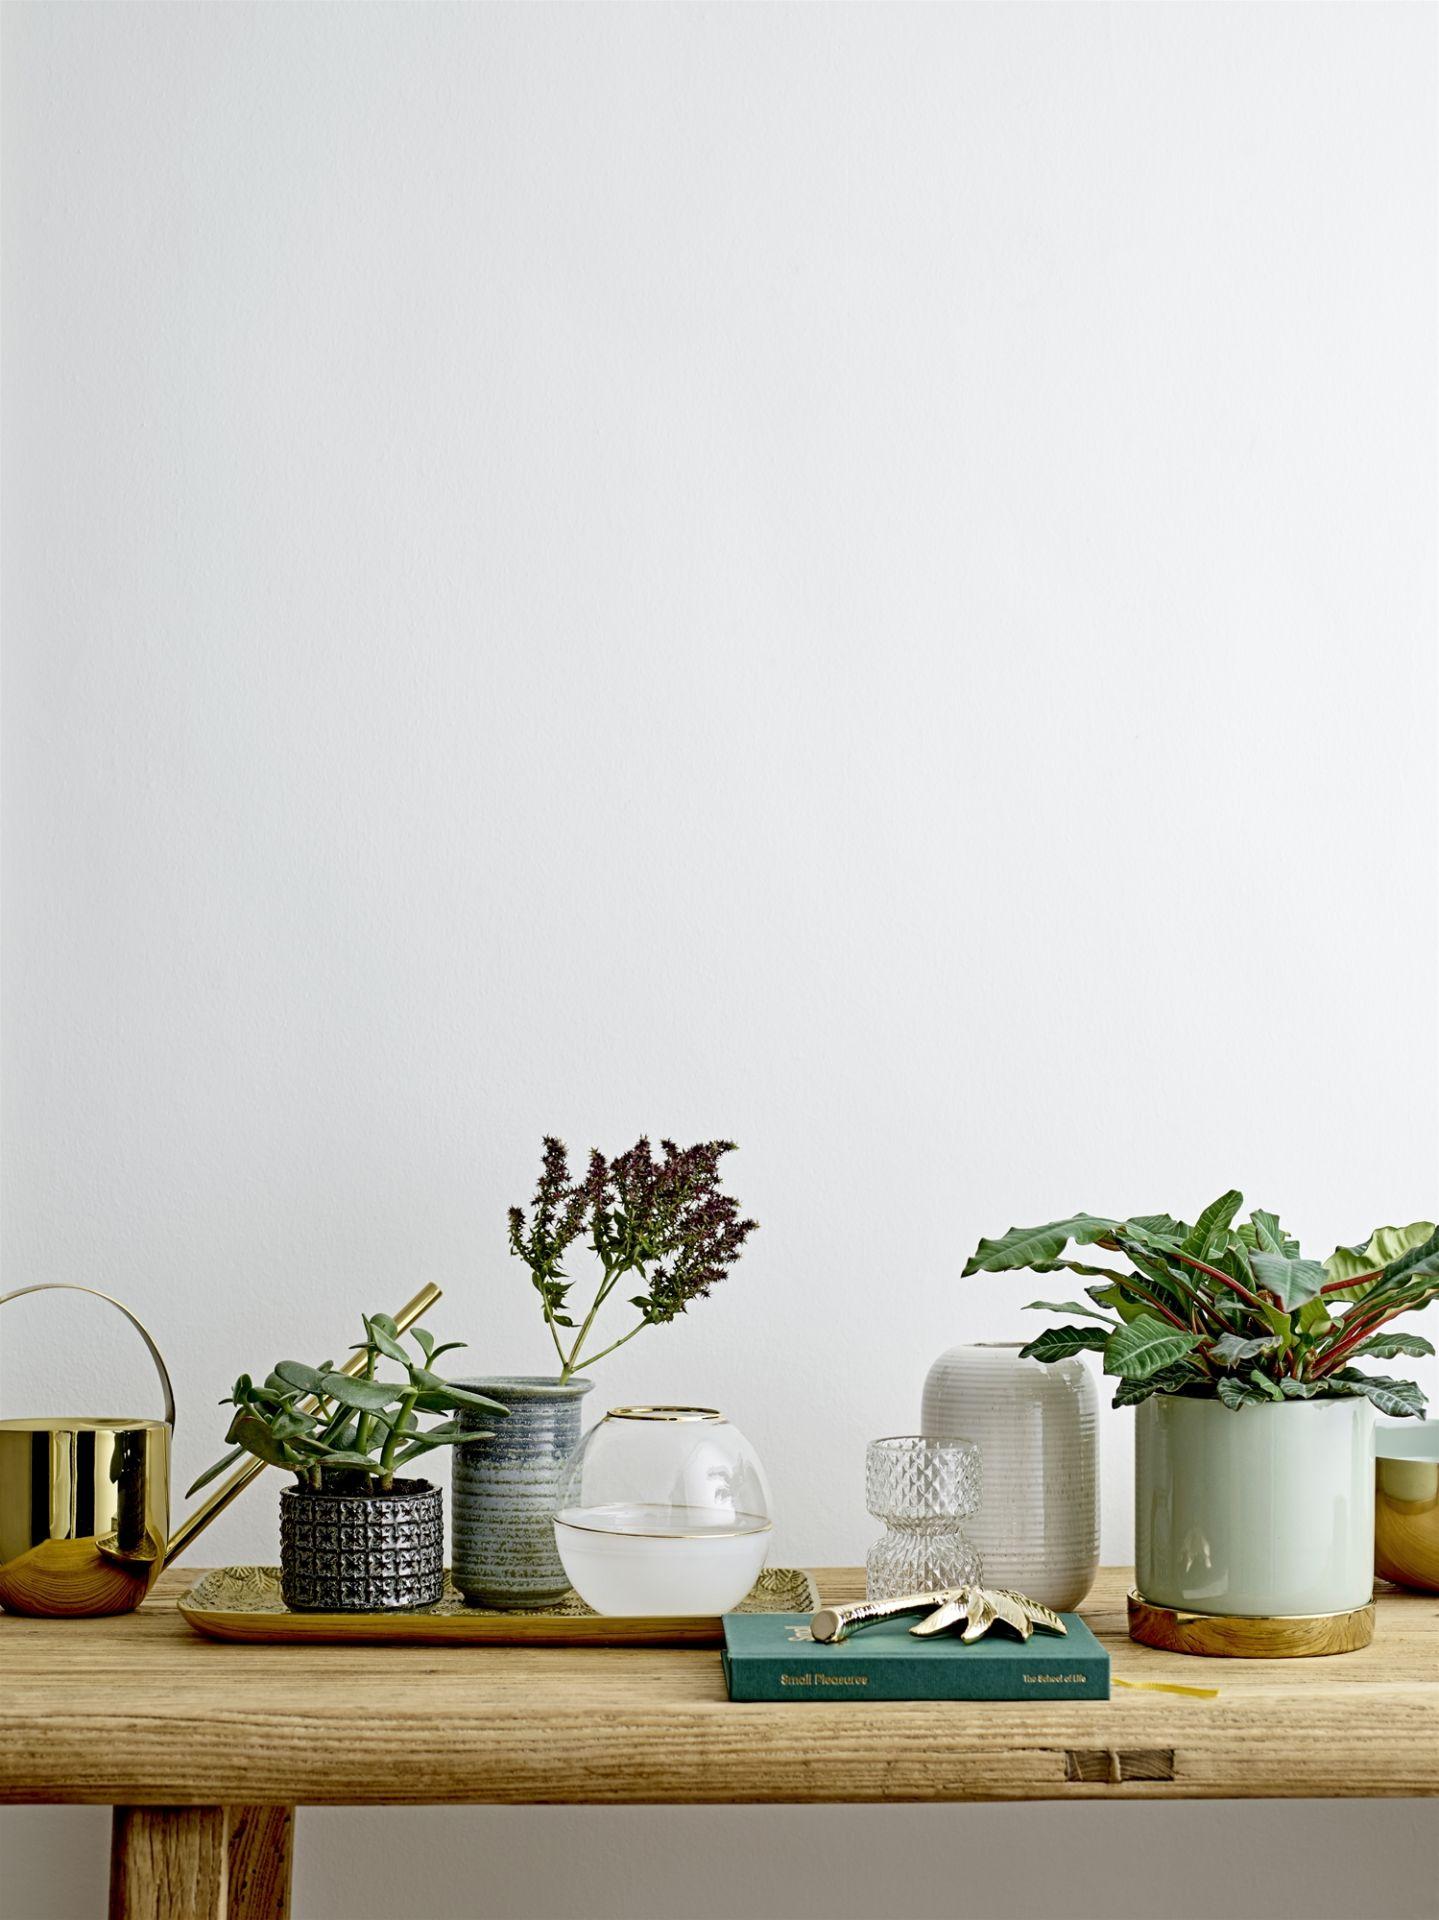 Květináč jako designová záležitost